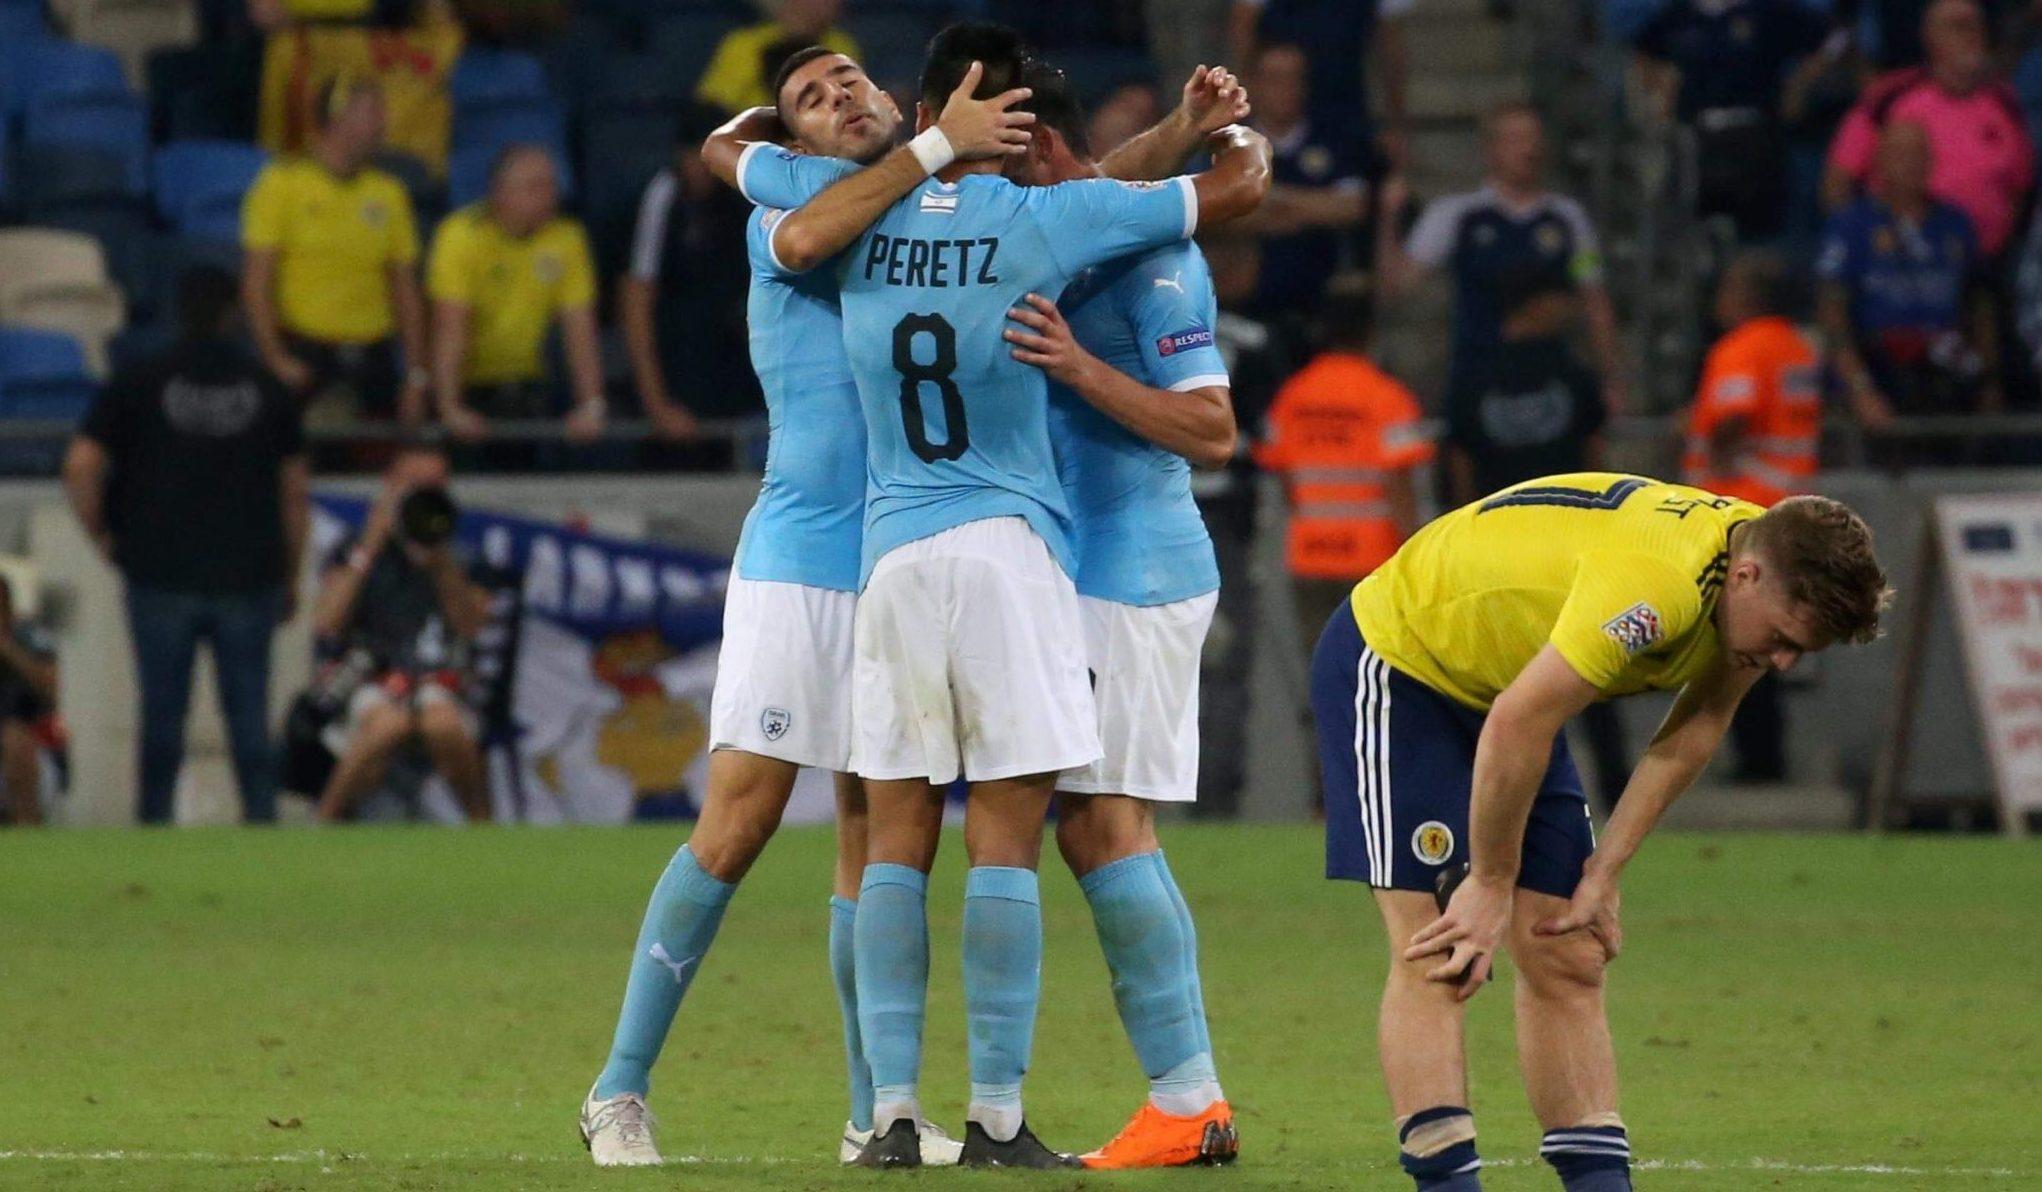 ליגת האומות: 1:2 לנבחרת ישראל בסמי עופר על נבחרת סקוטלנד